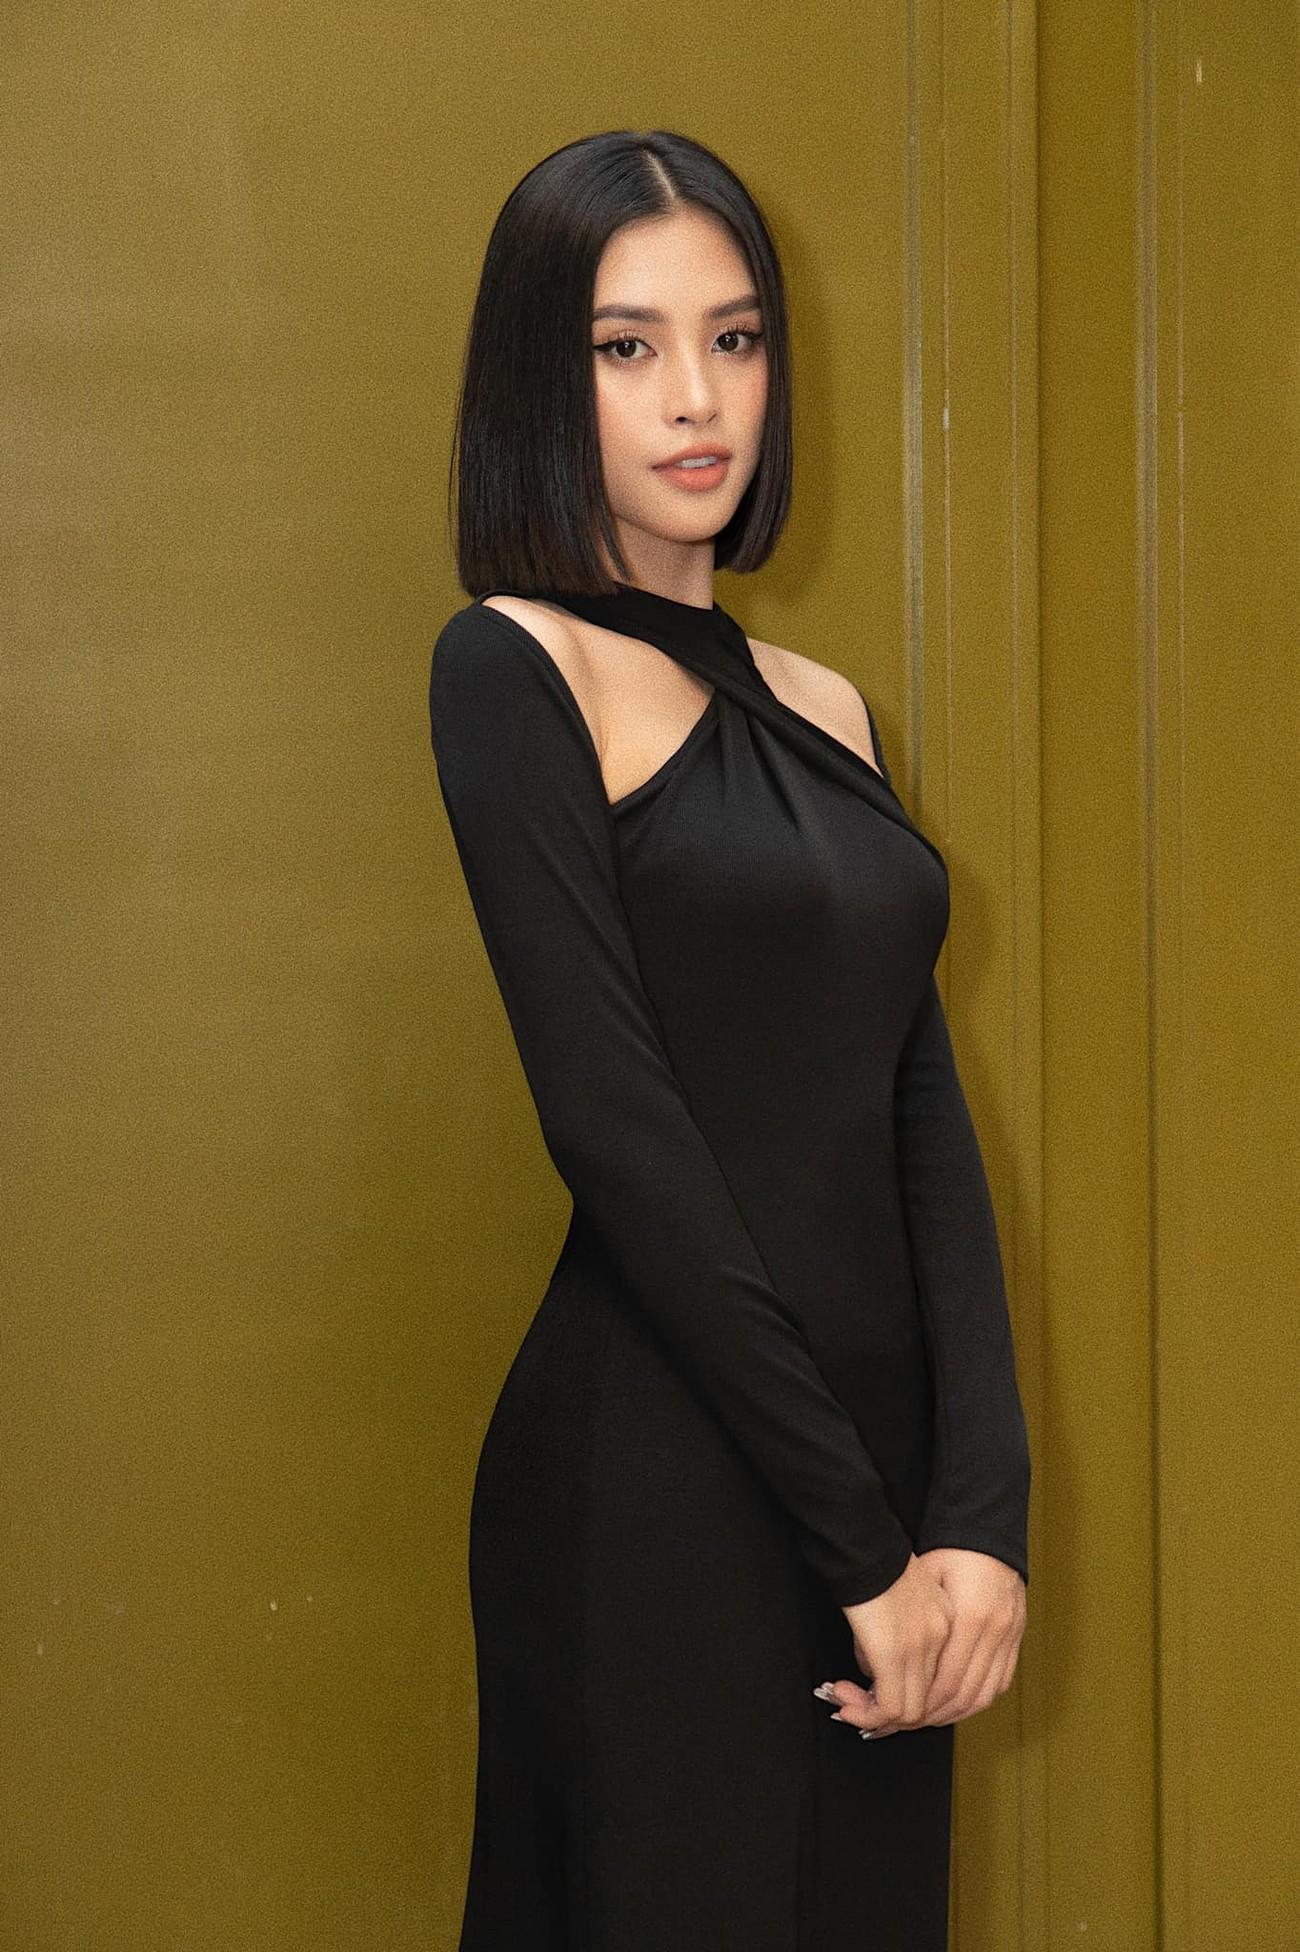 Nhan sắc 'thăng hạng' đầy nóng bỏng của Hoa hậu Tiểu Vy sau khi hết nhiệm kỳ ảnh 4